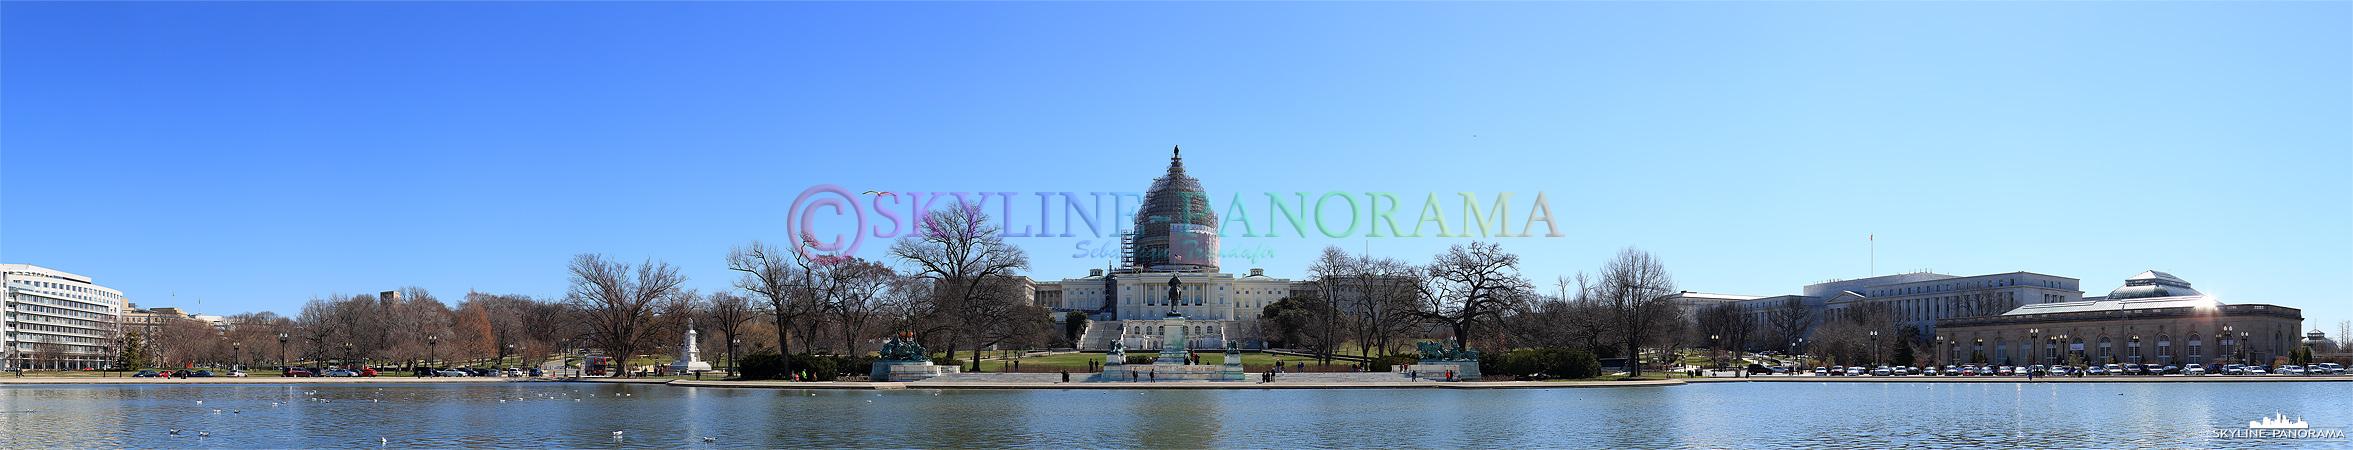 Capitol - Bauarbeiten an der Kuppel